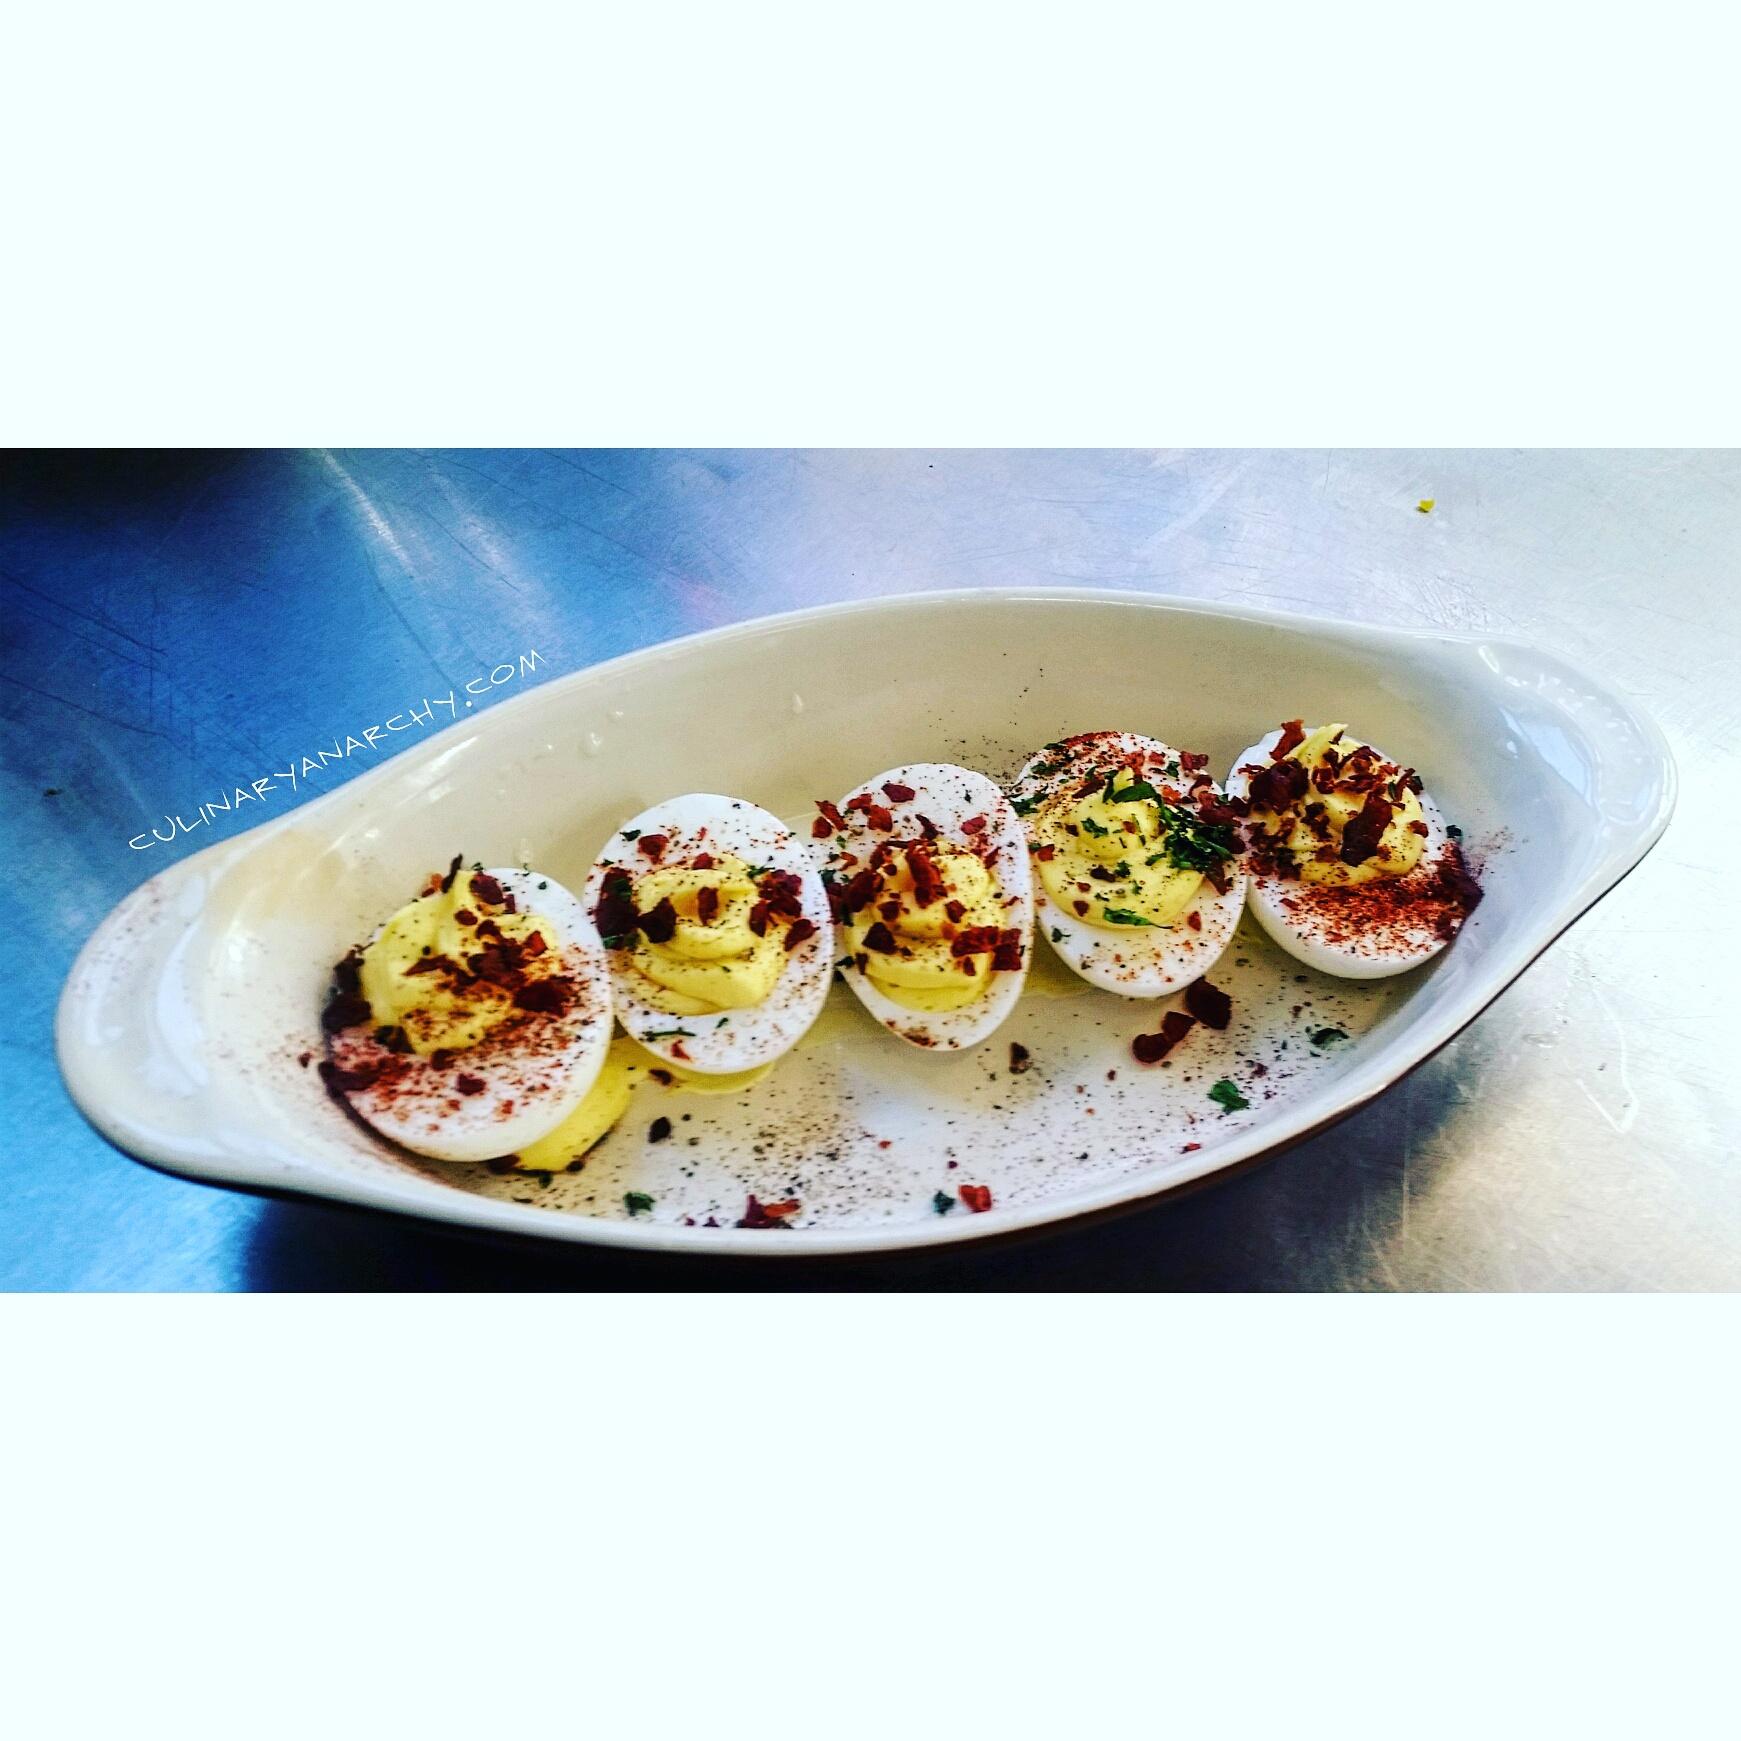 CulinaryAnarchy.com